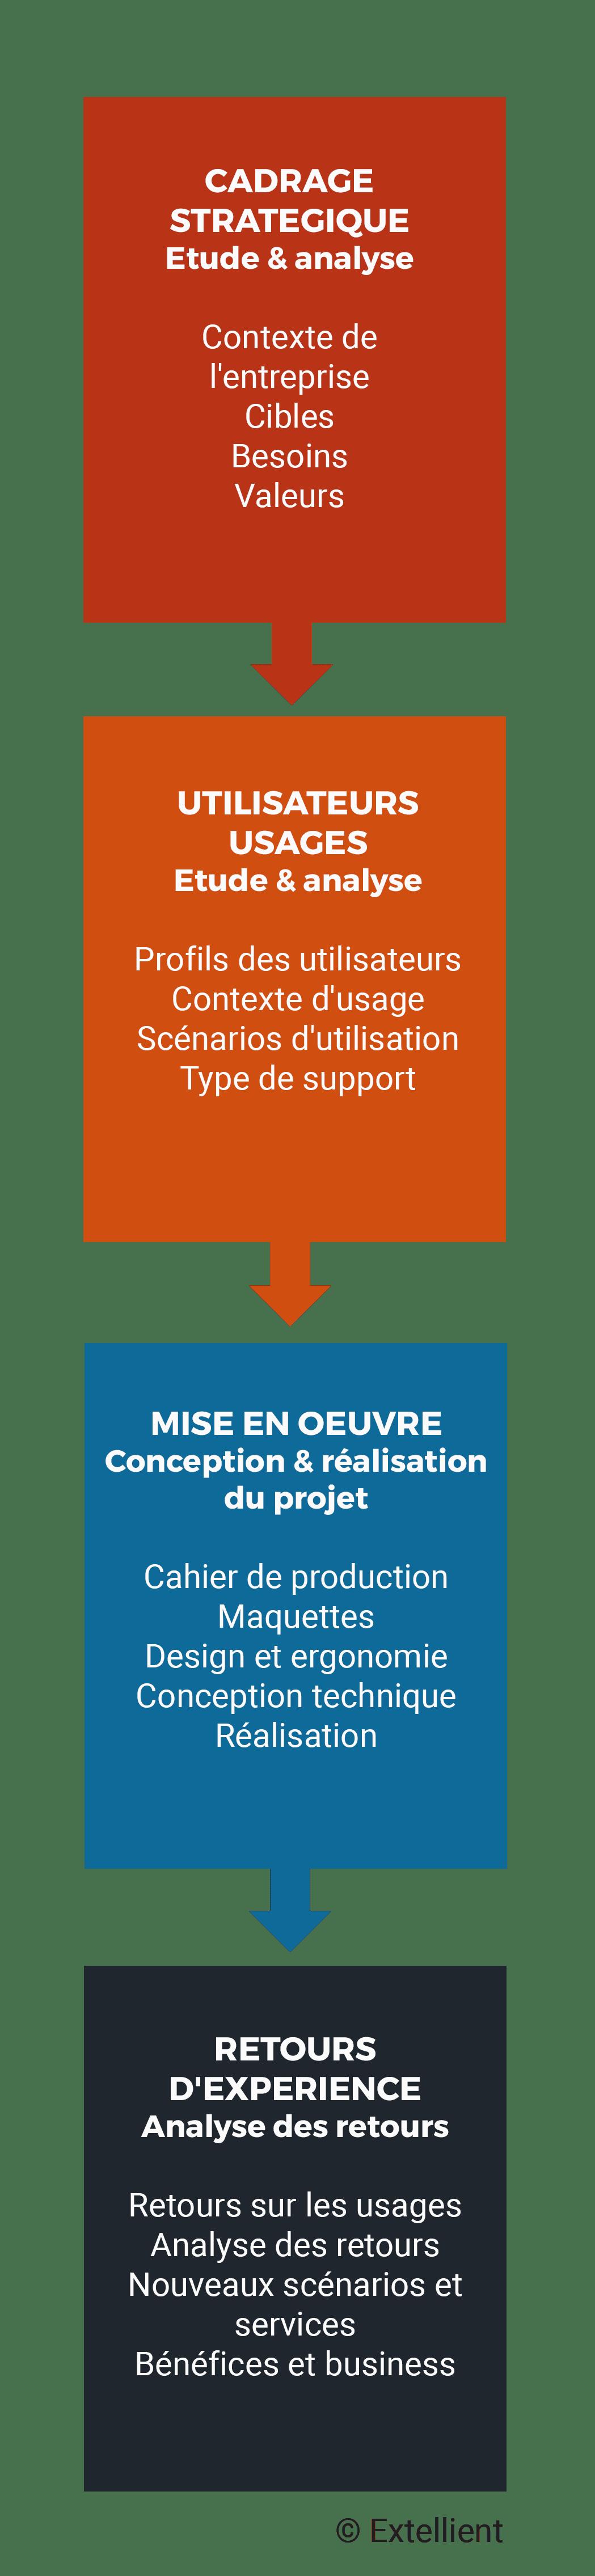 méthodologie : La démarche de création d'une solution digitale d'Extellient